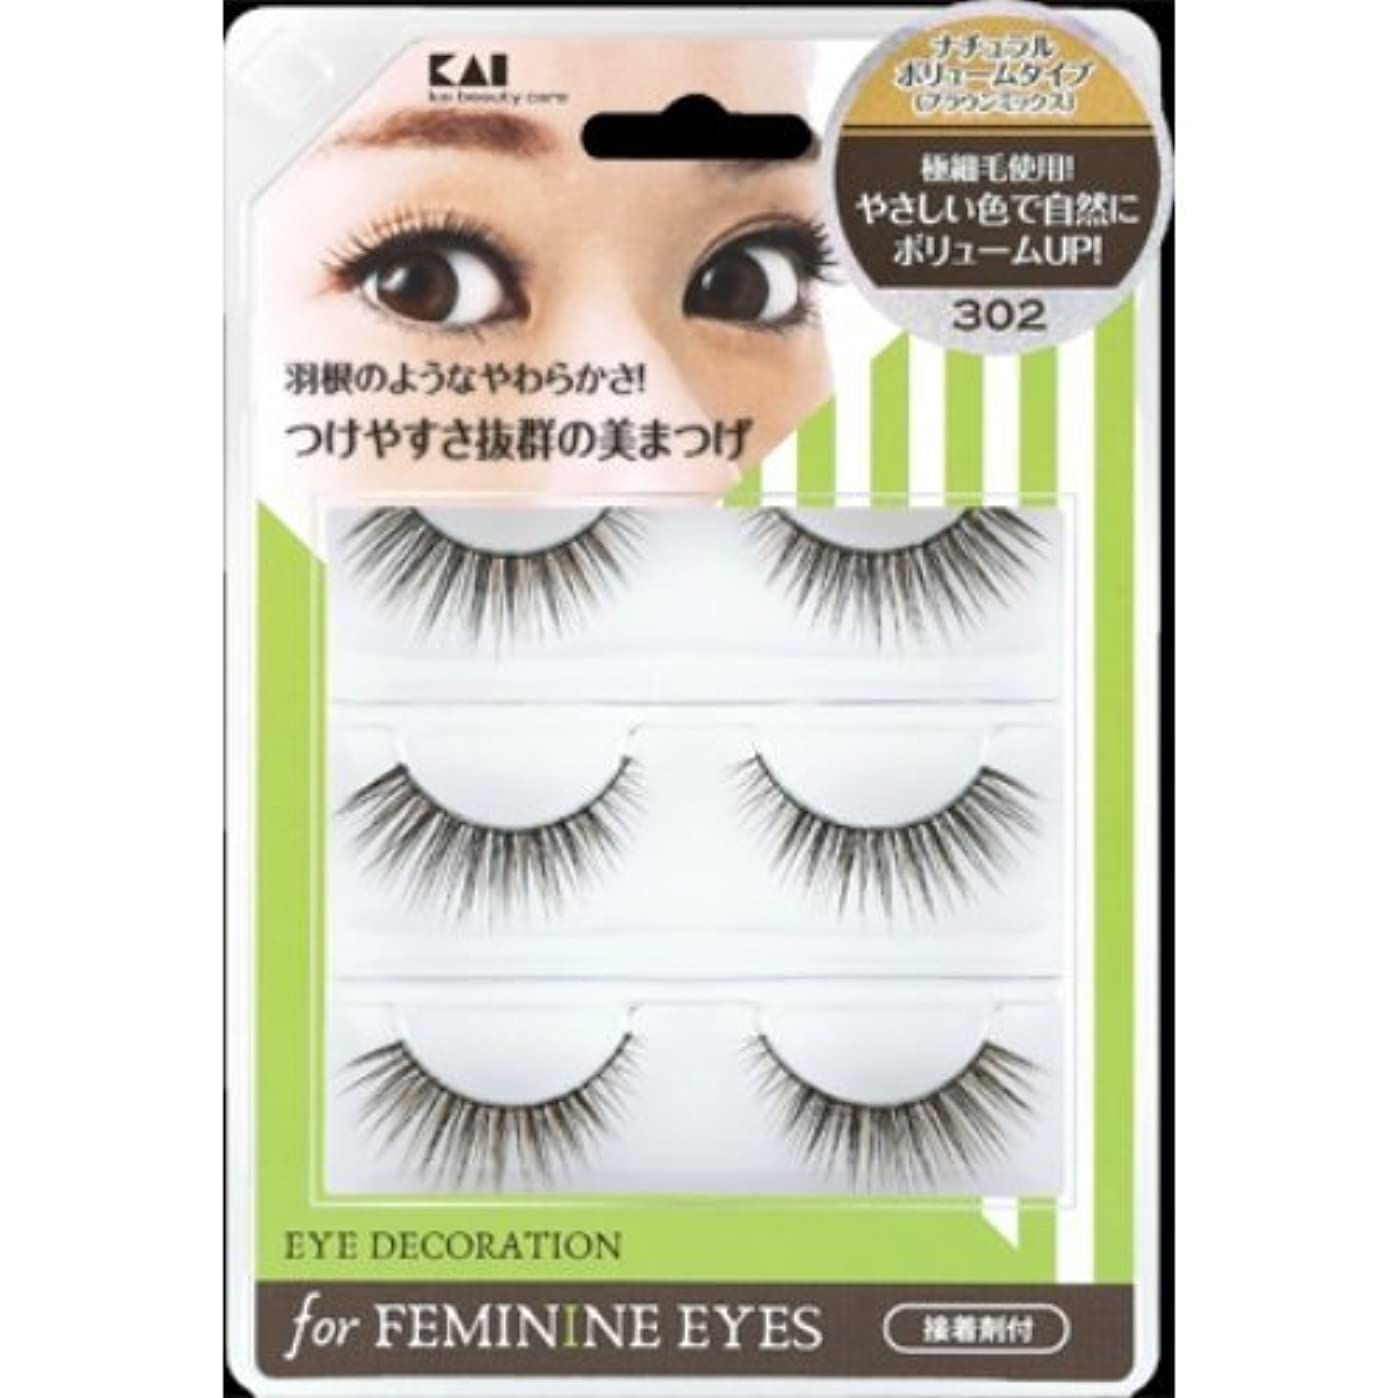 測定領域カジュアル貝印 アイデコレーション for feminine eyes 302 HC1562